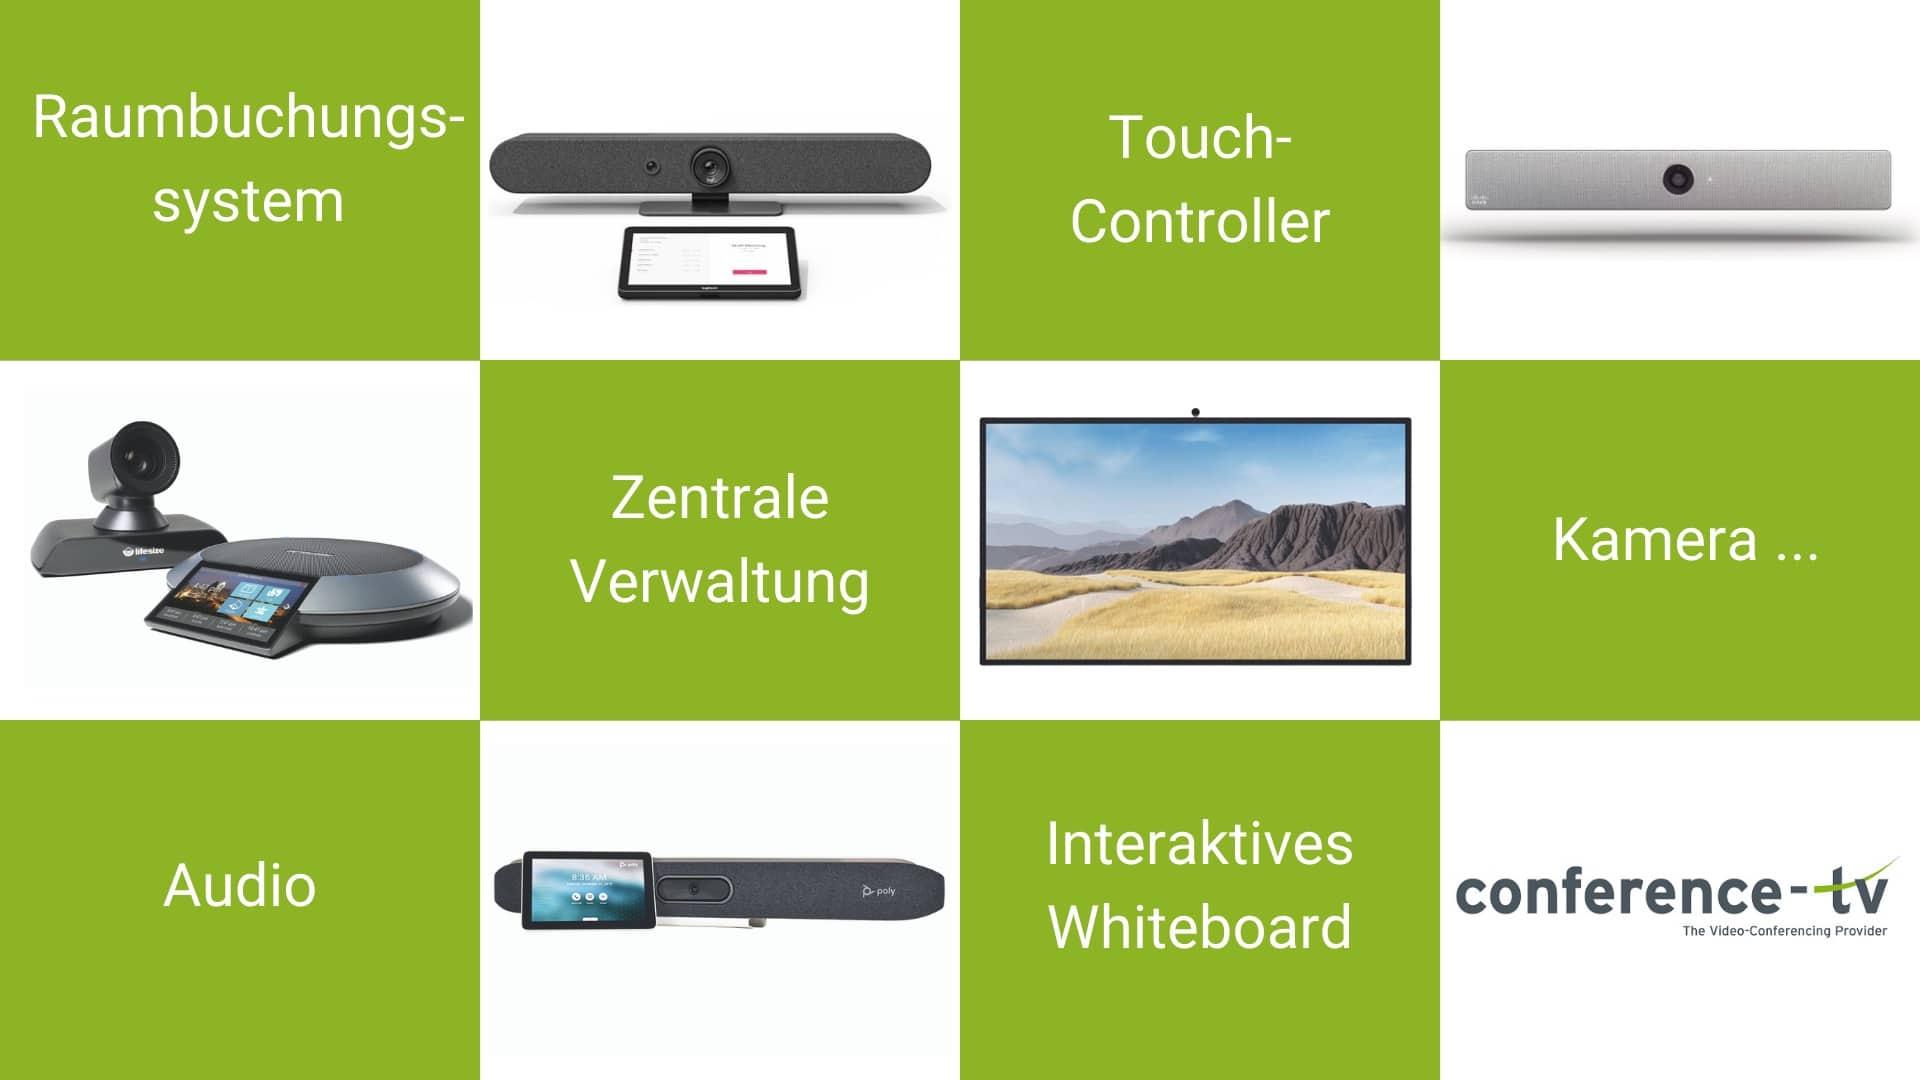 Hardware as a Service Angebote für Videokonferenz-Lösungen